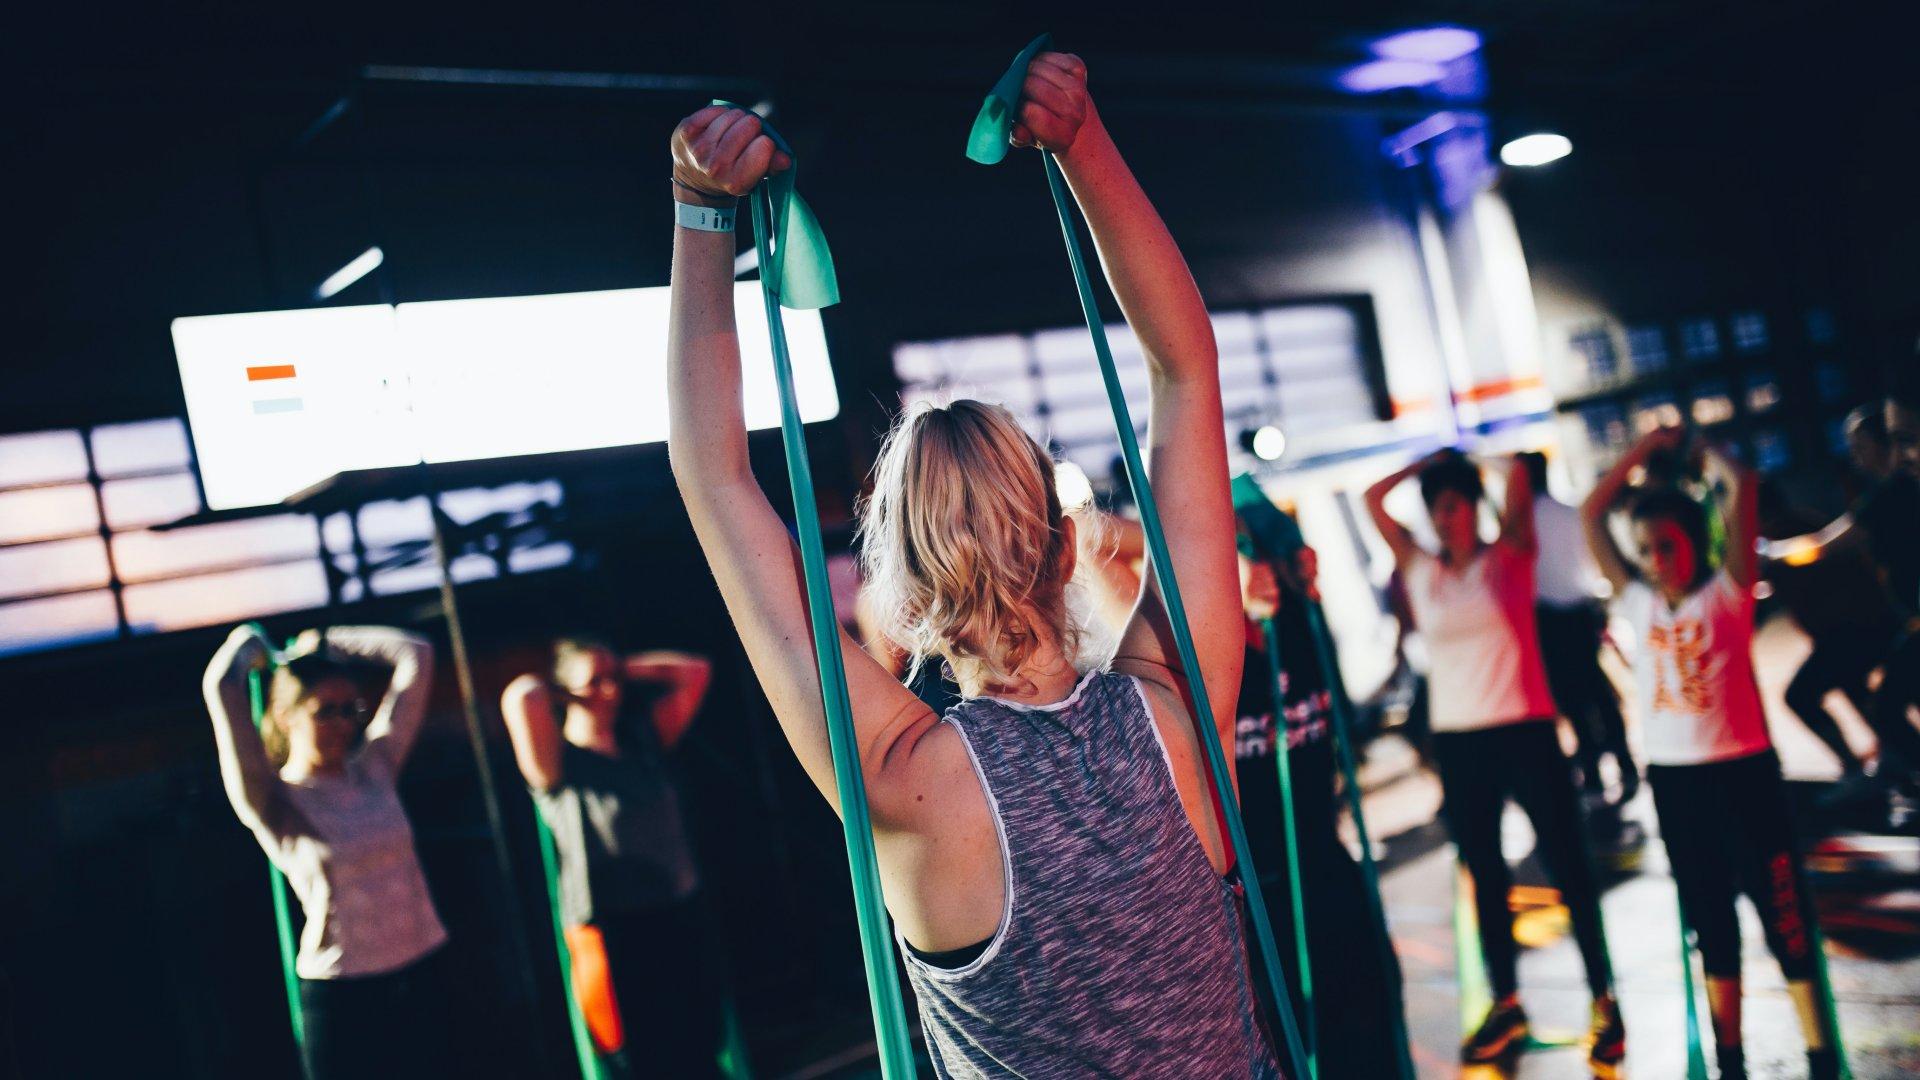 edzés edzőterem fitnesz